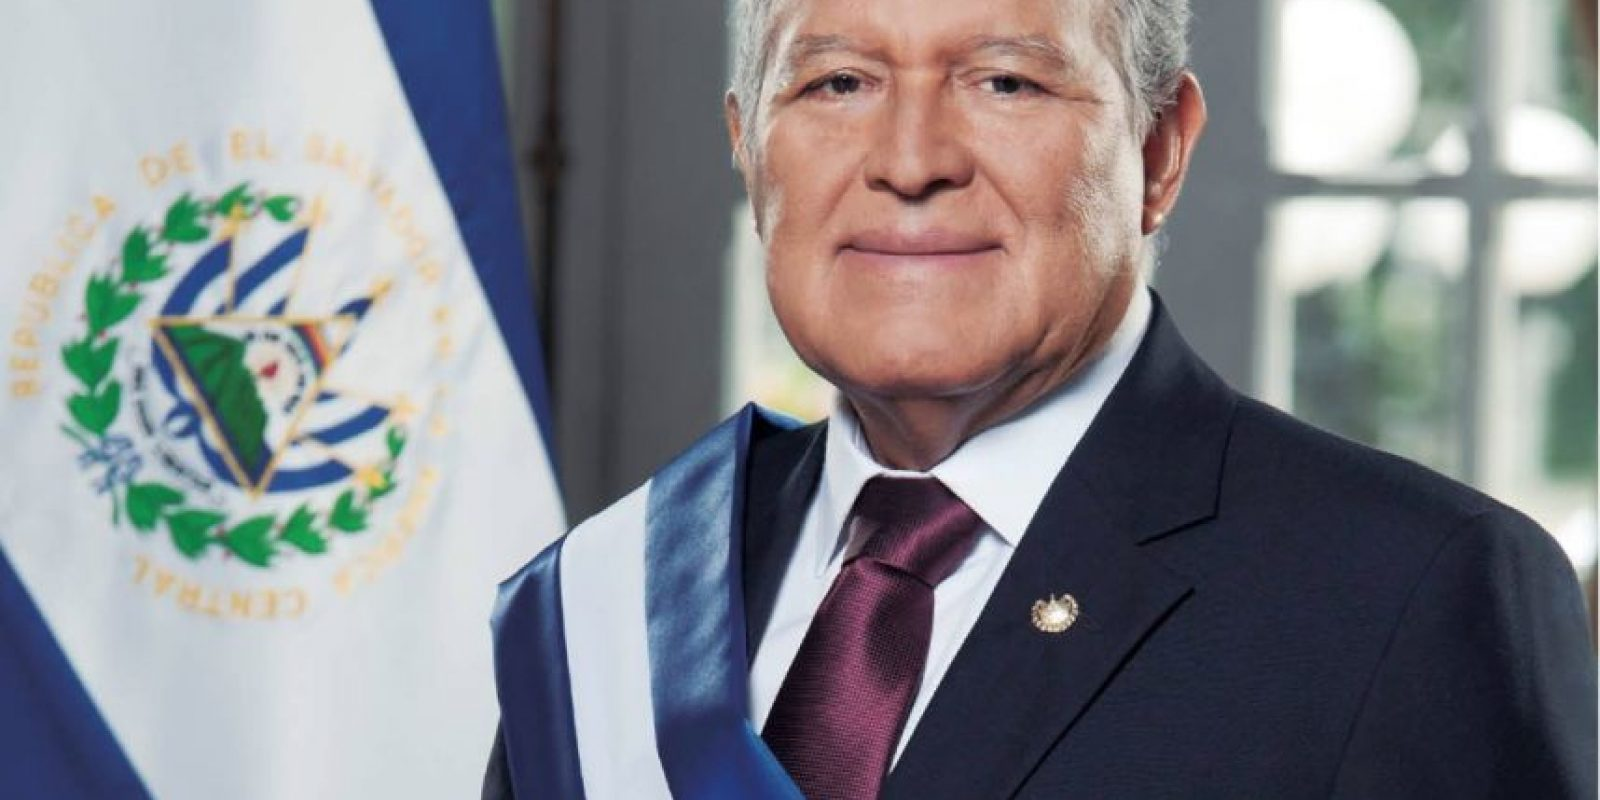 Salvador Sánchez Cerén, mandatario de la República del Salvador, también. Foto:Vía facebook.com/salvadorpresidente